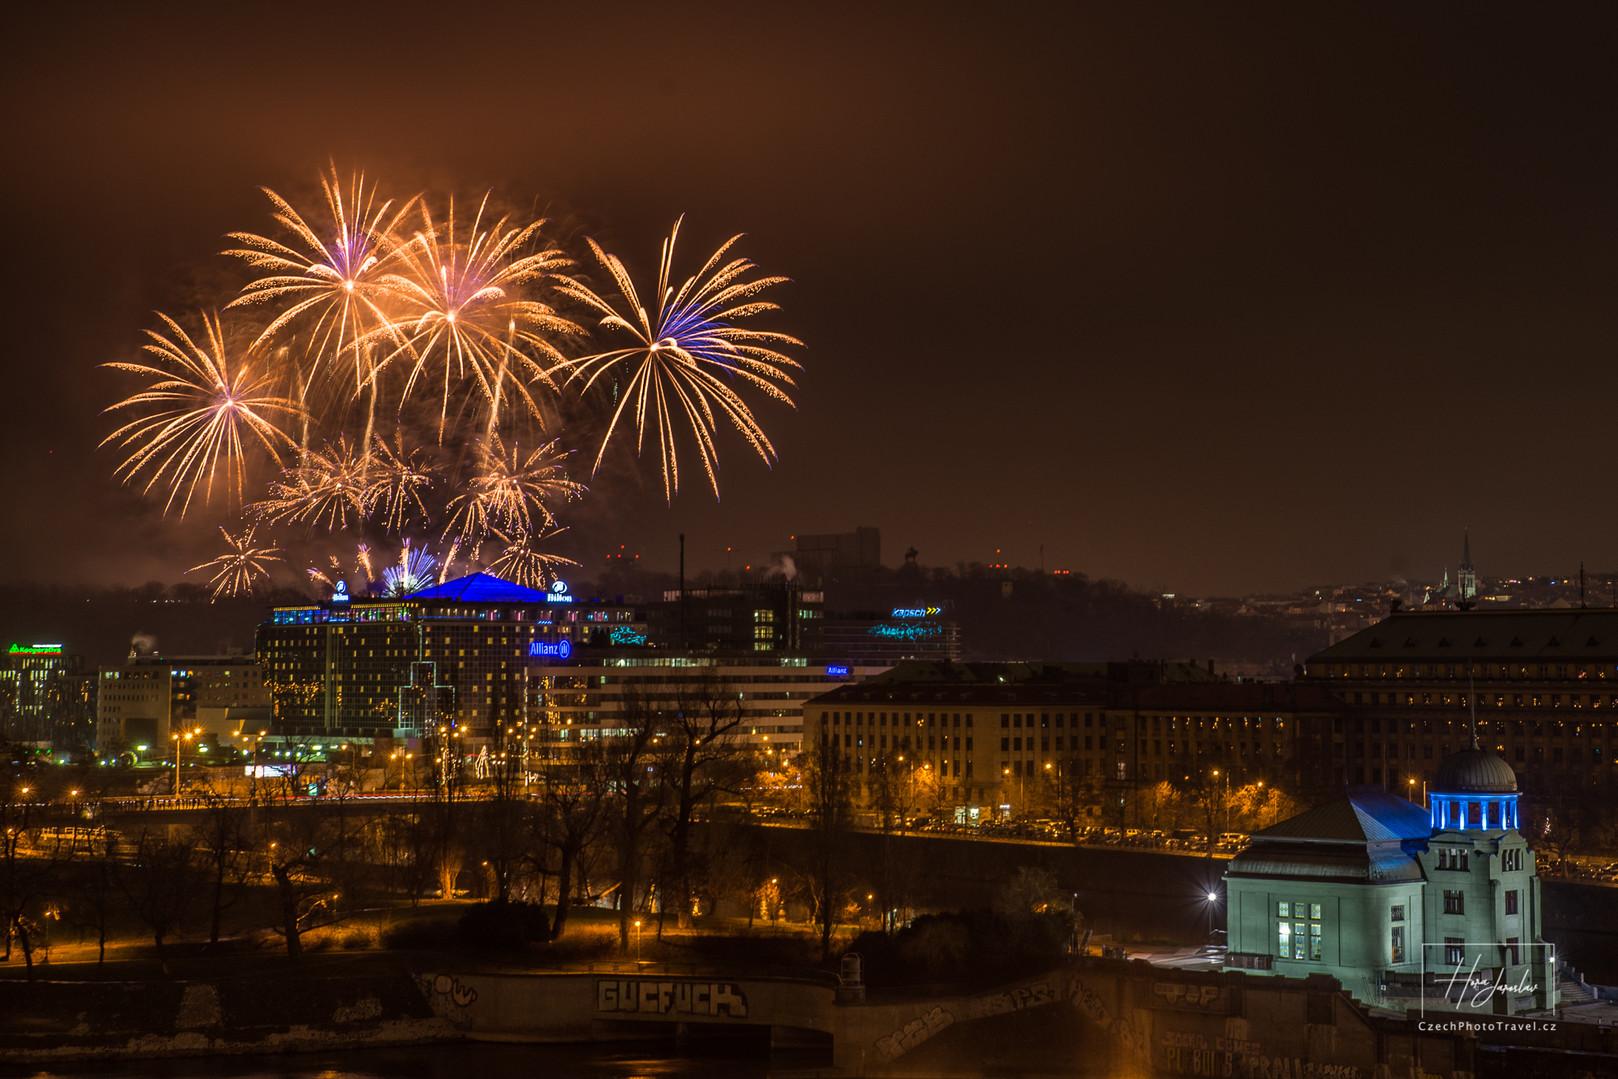 Praha Noční fotokurz - Ohňostroj